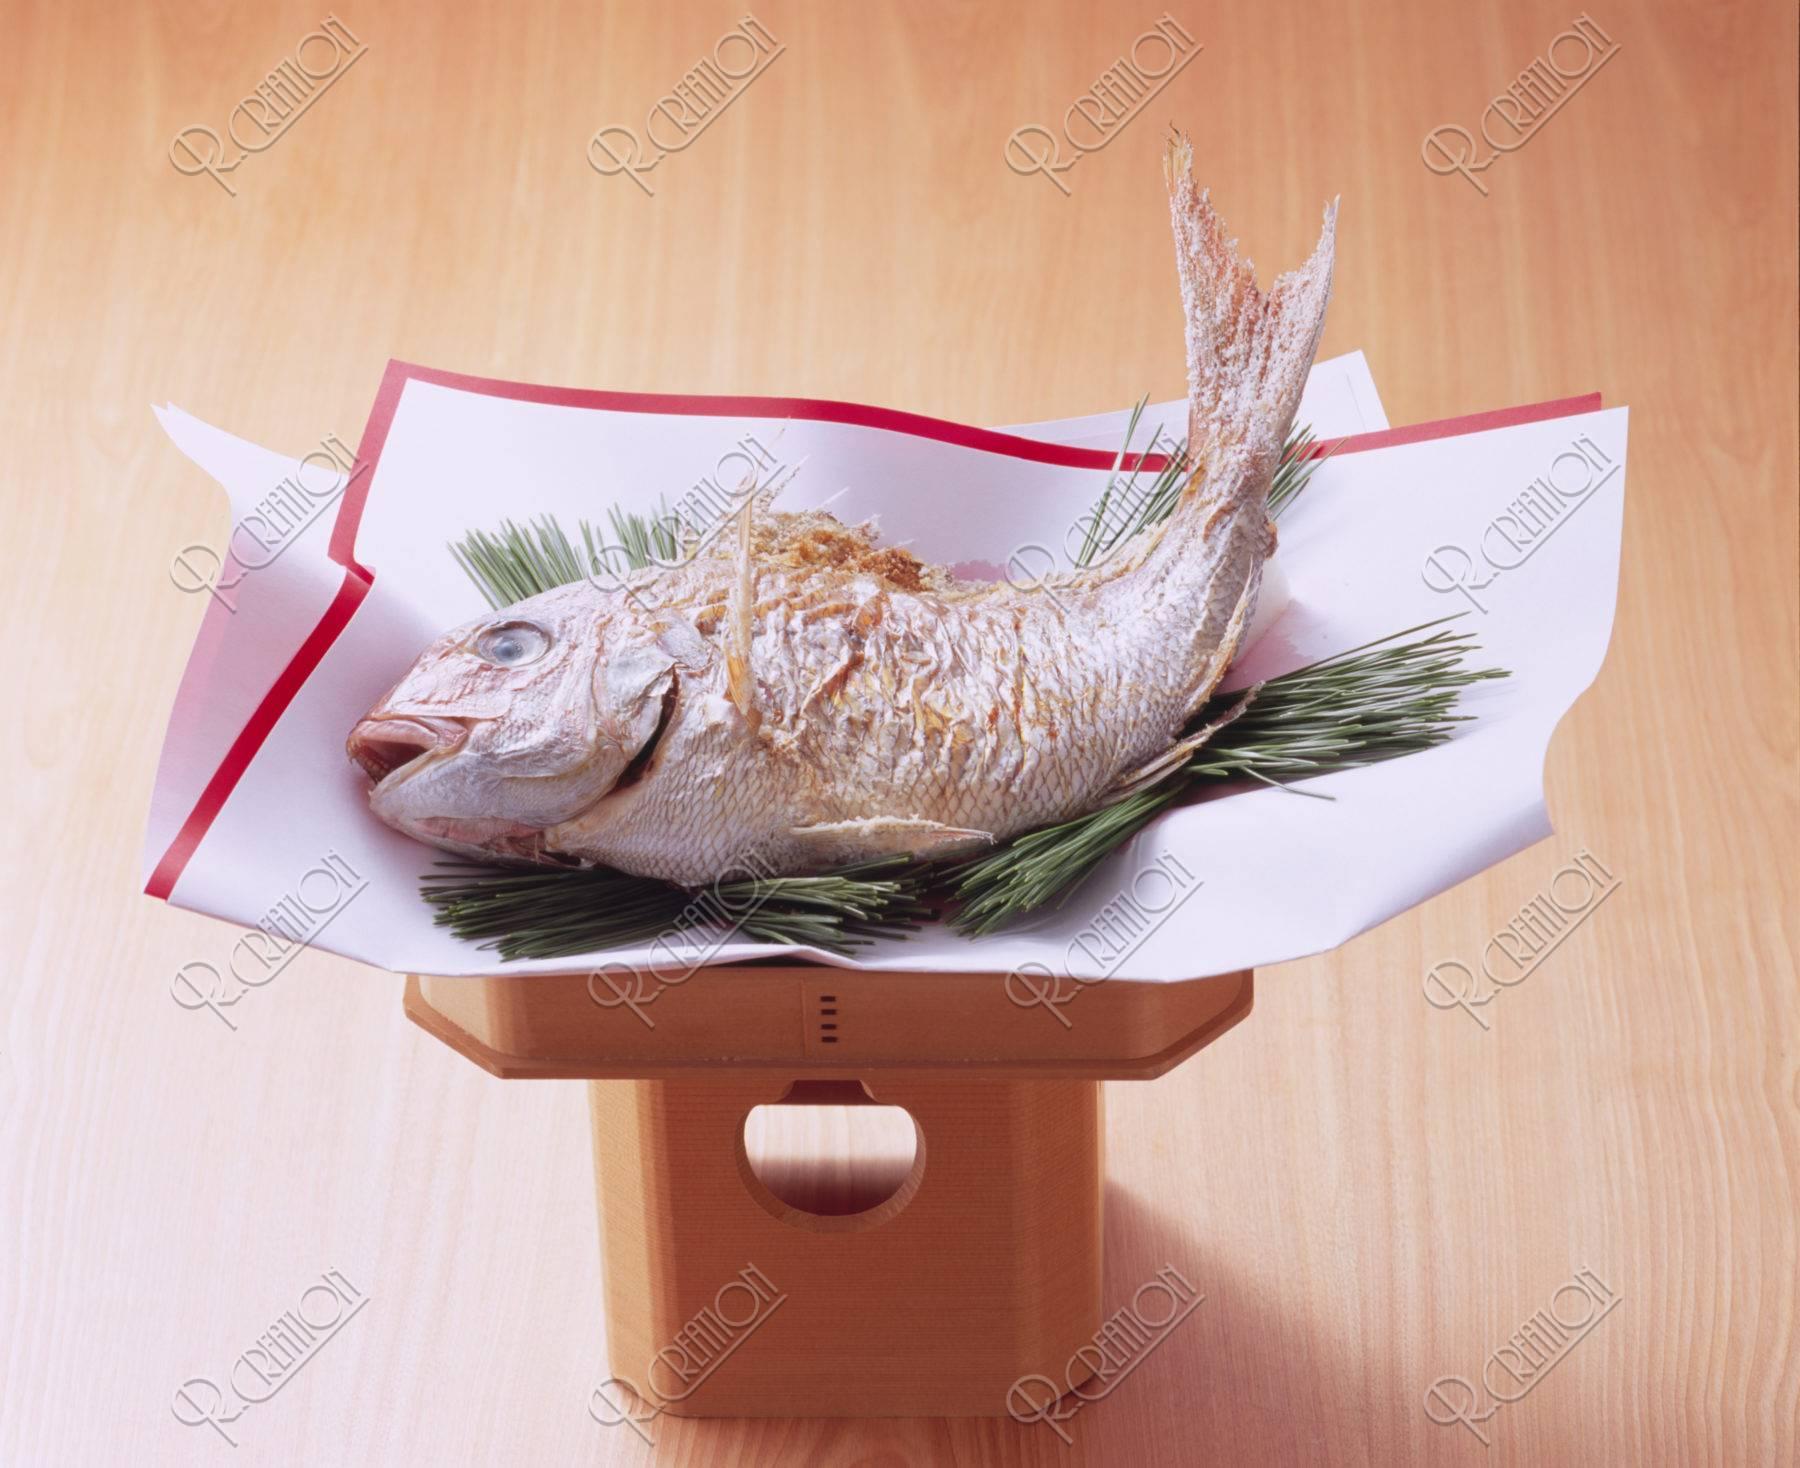 鯛の塩焼き(にらみだい)